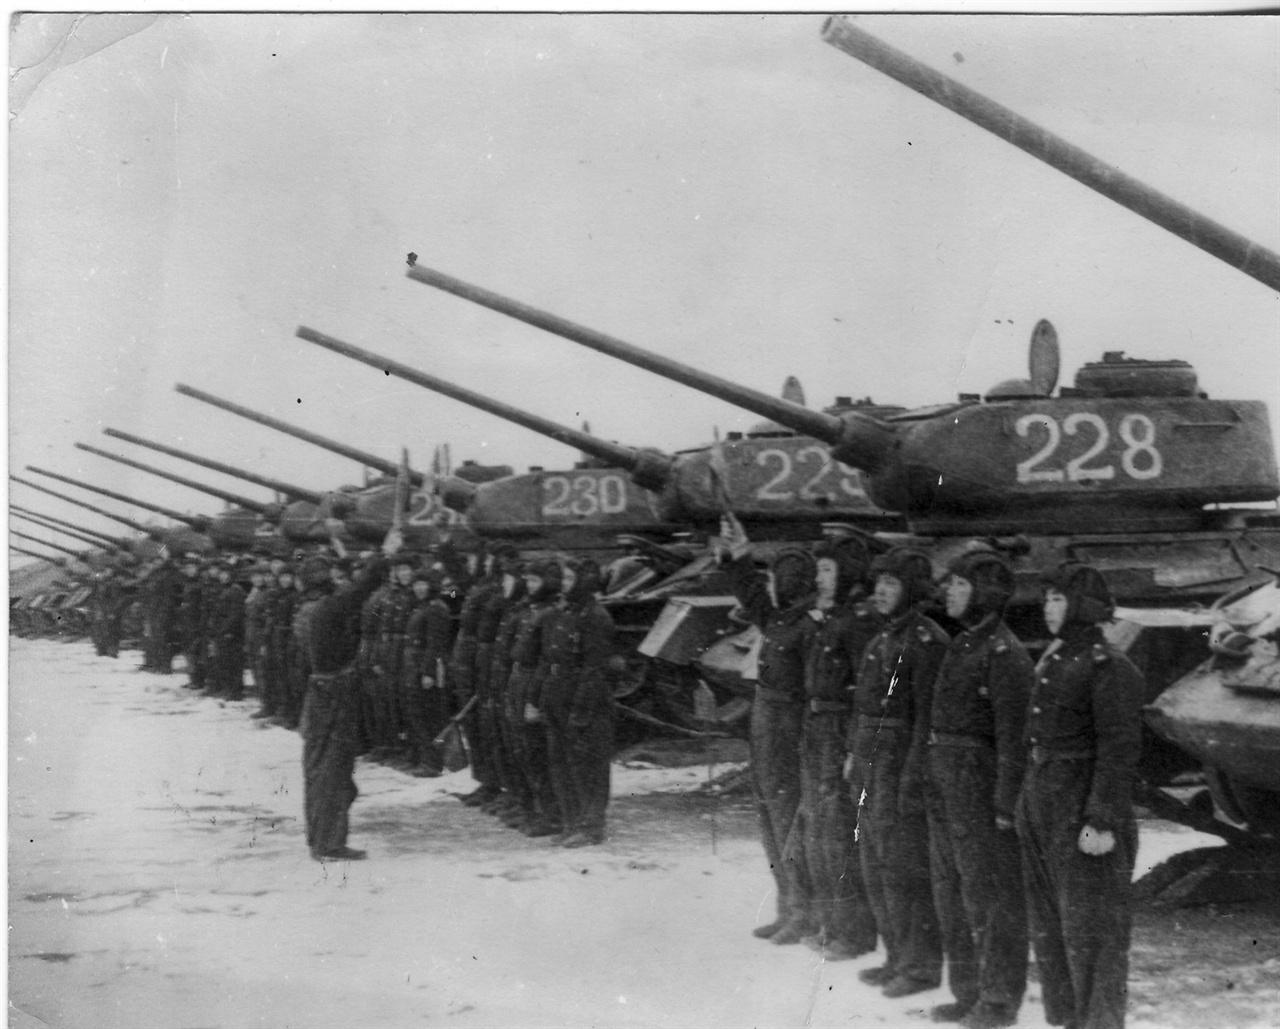 한국전쟁 당시 인민군 기갑부대의 사열 장면.